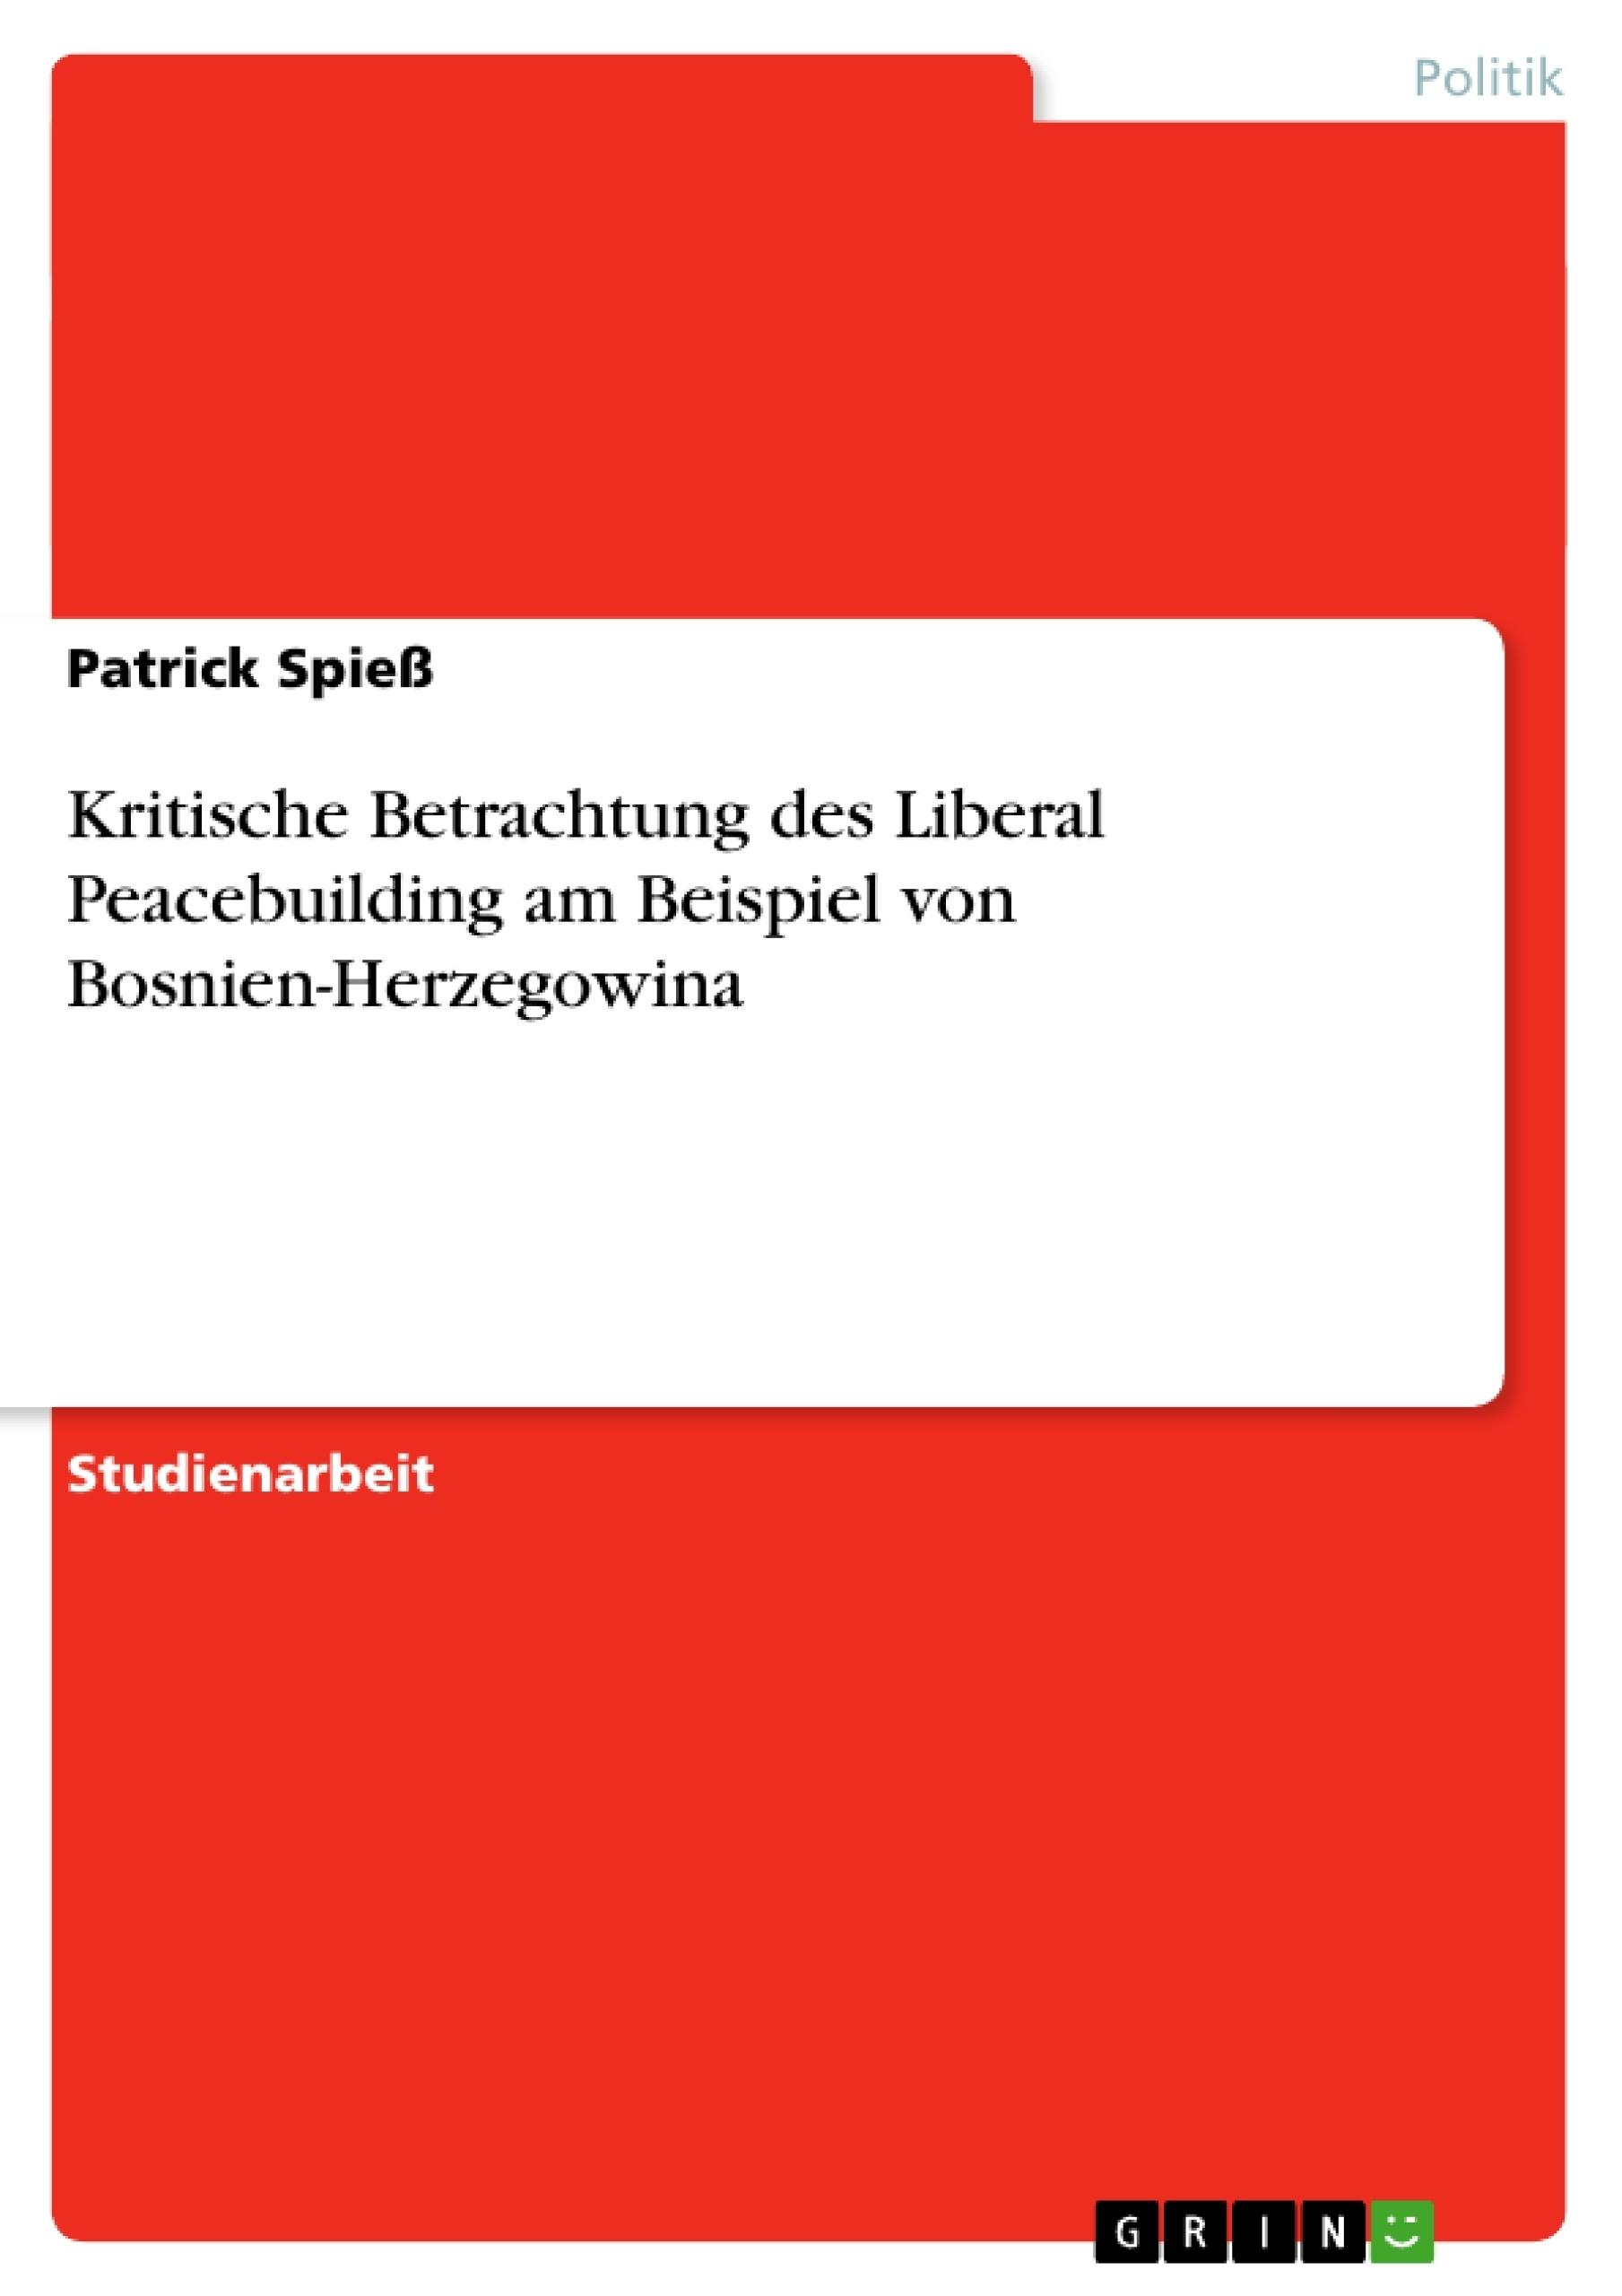 Titel: Kritische Betrachtung des Liberal Peacebuilding am Beispiel von Bosnien-Herzegowina